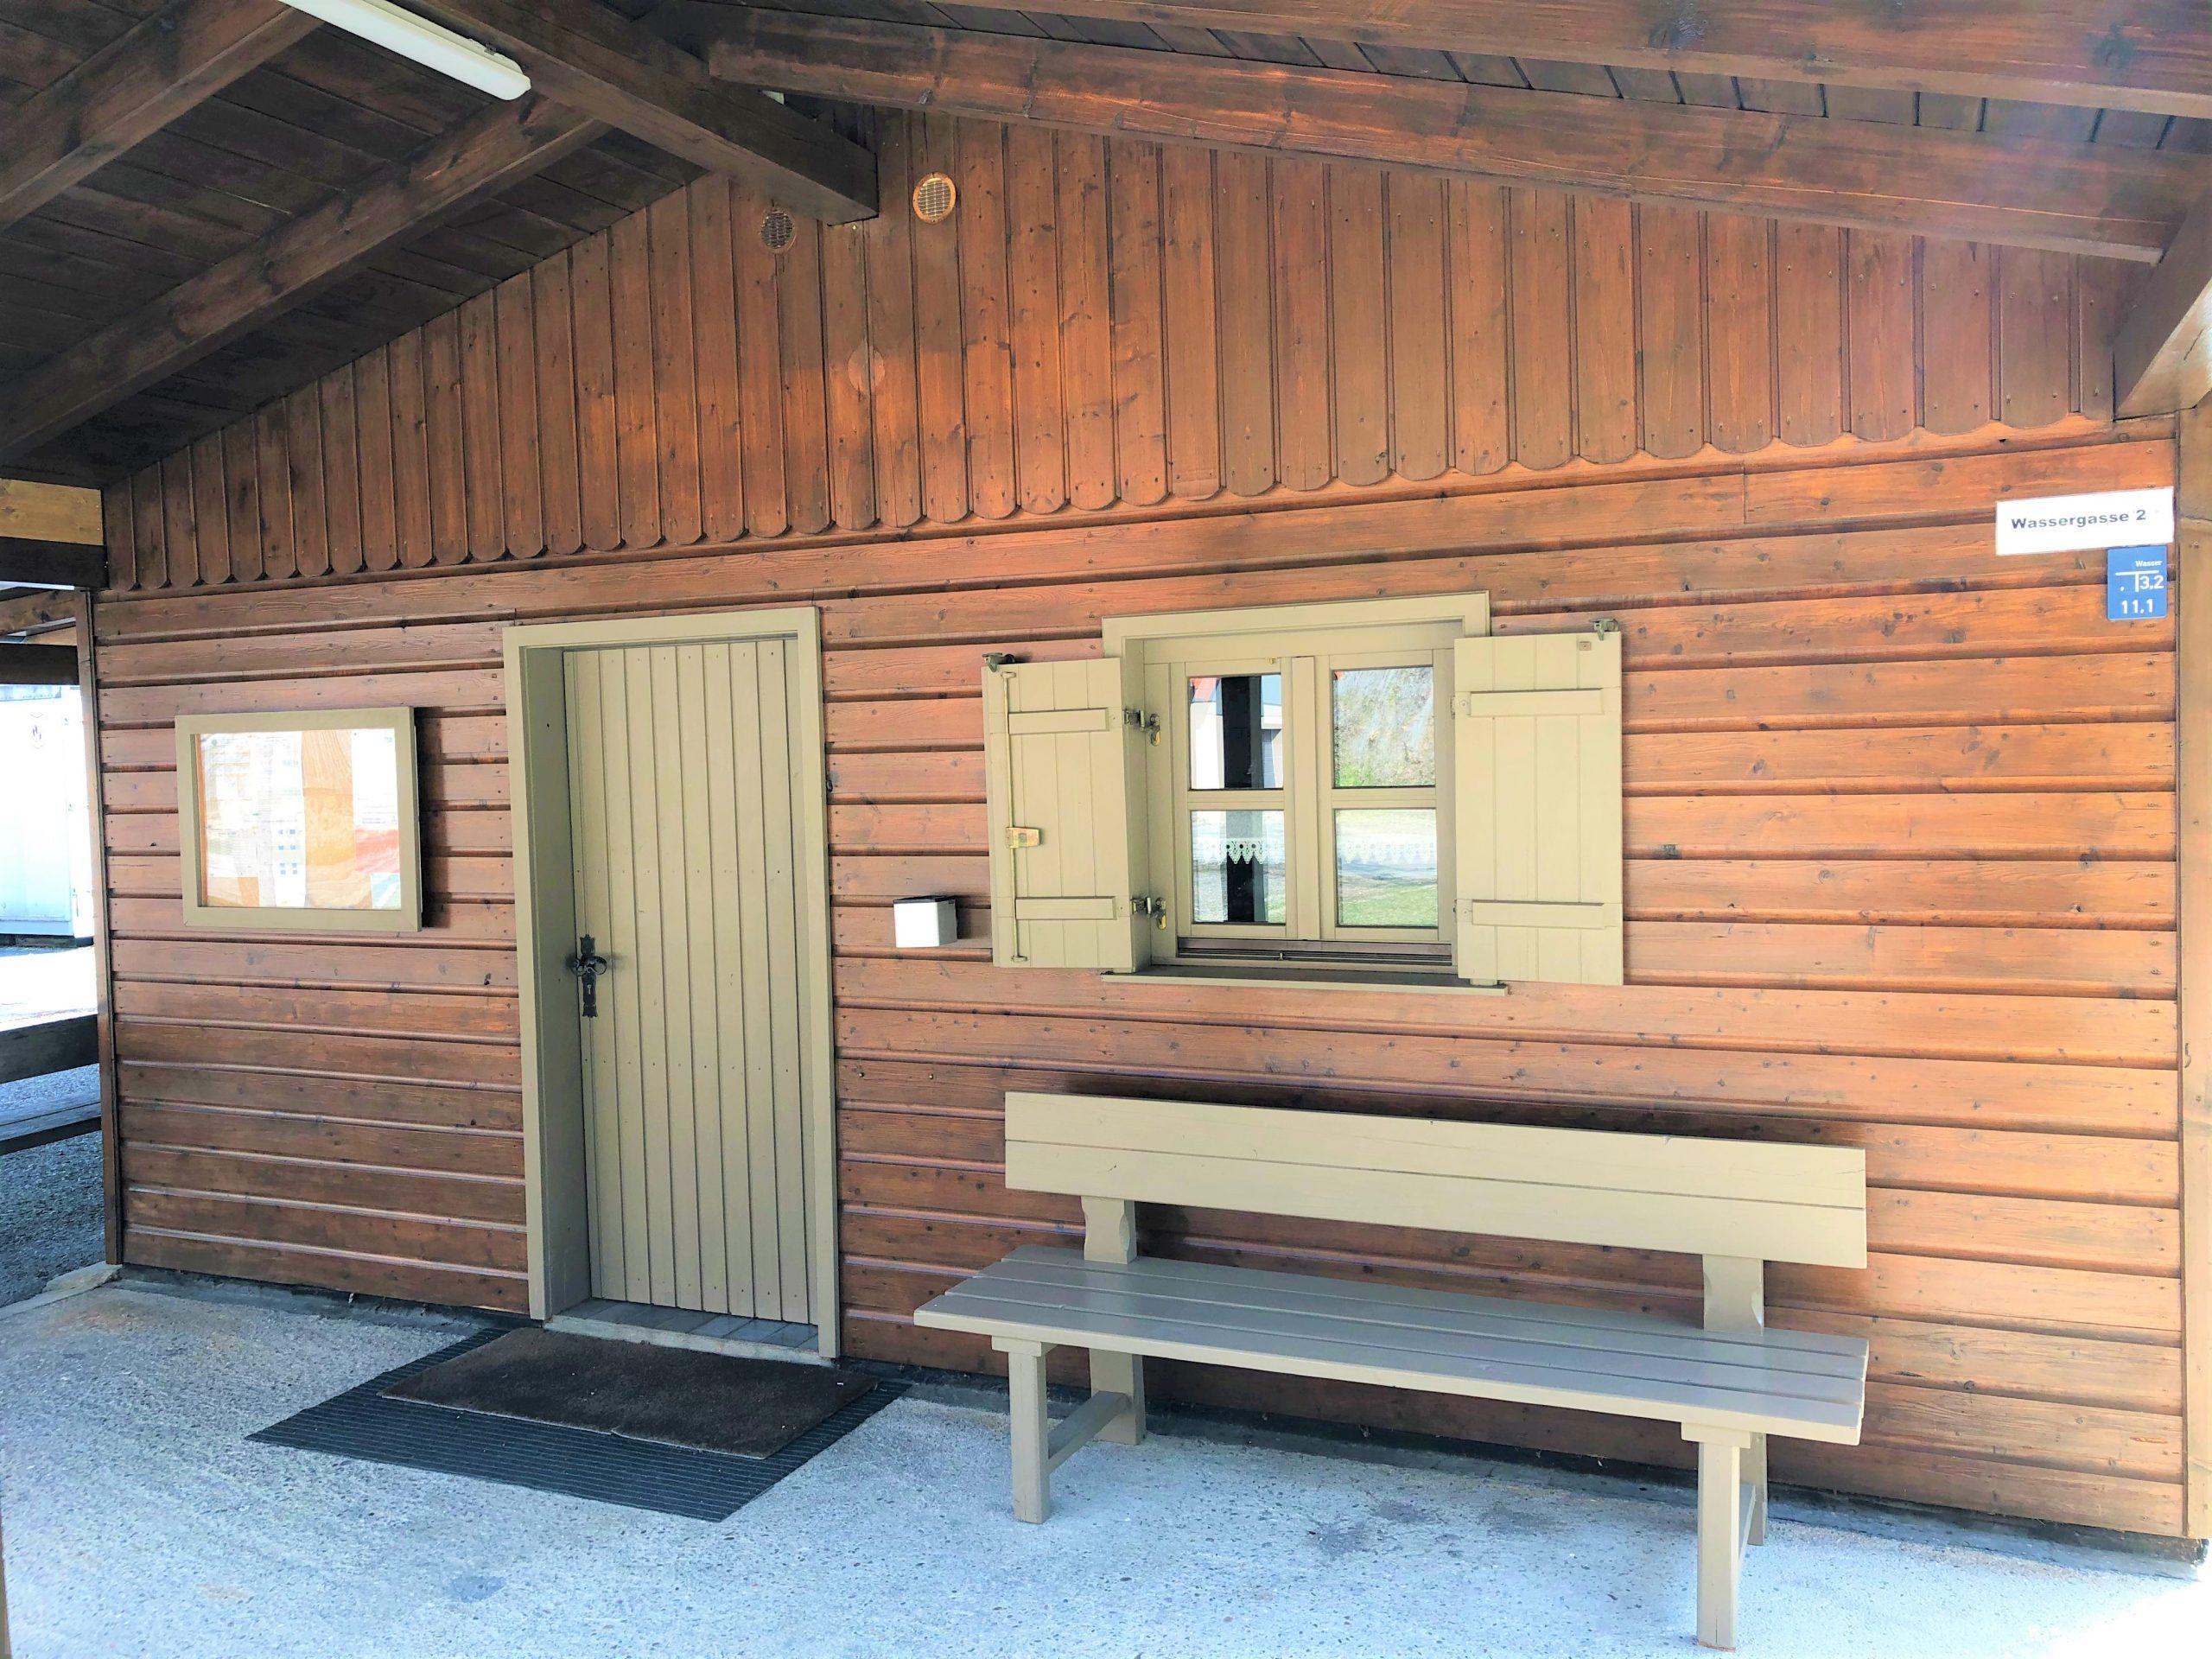 Hütte mit erneuertem Anstrich